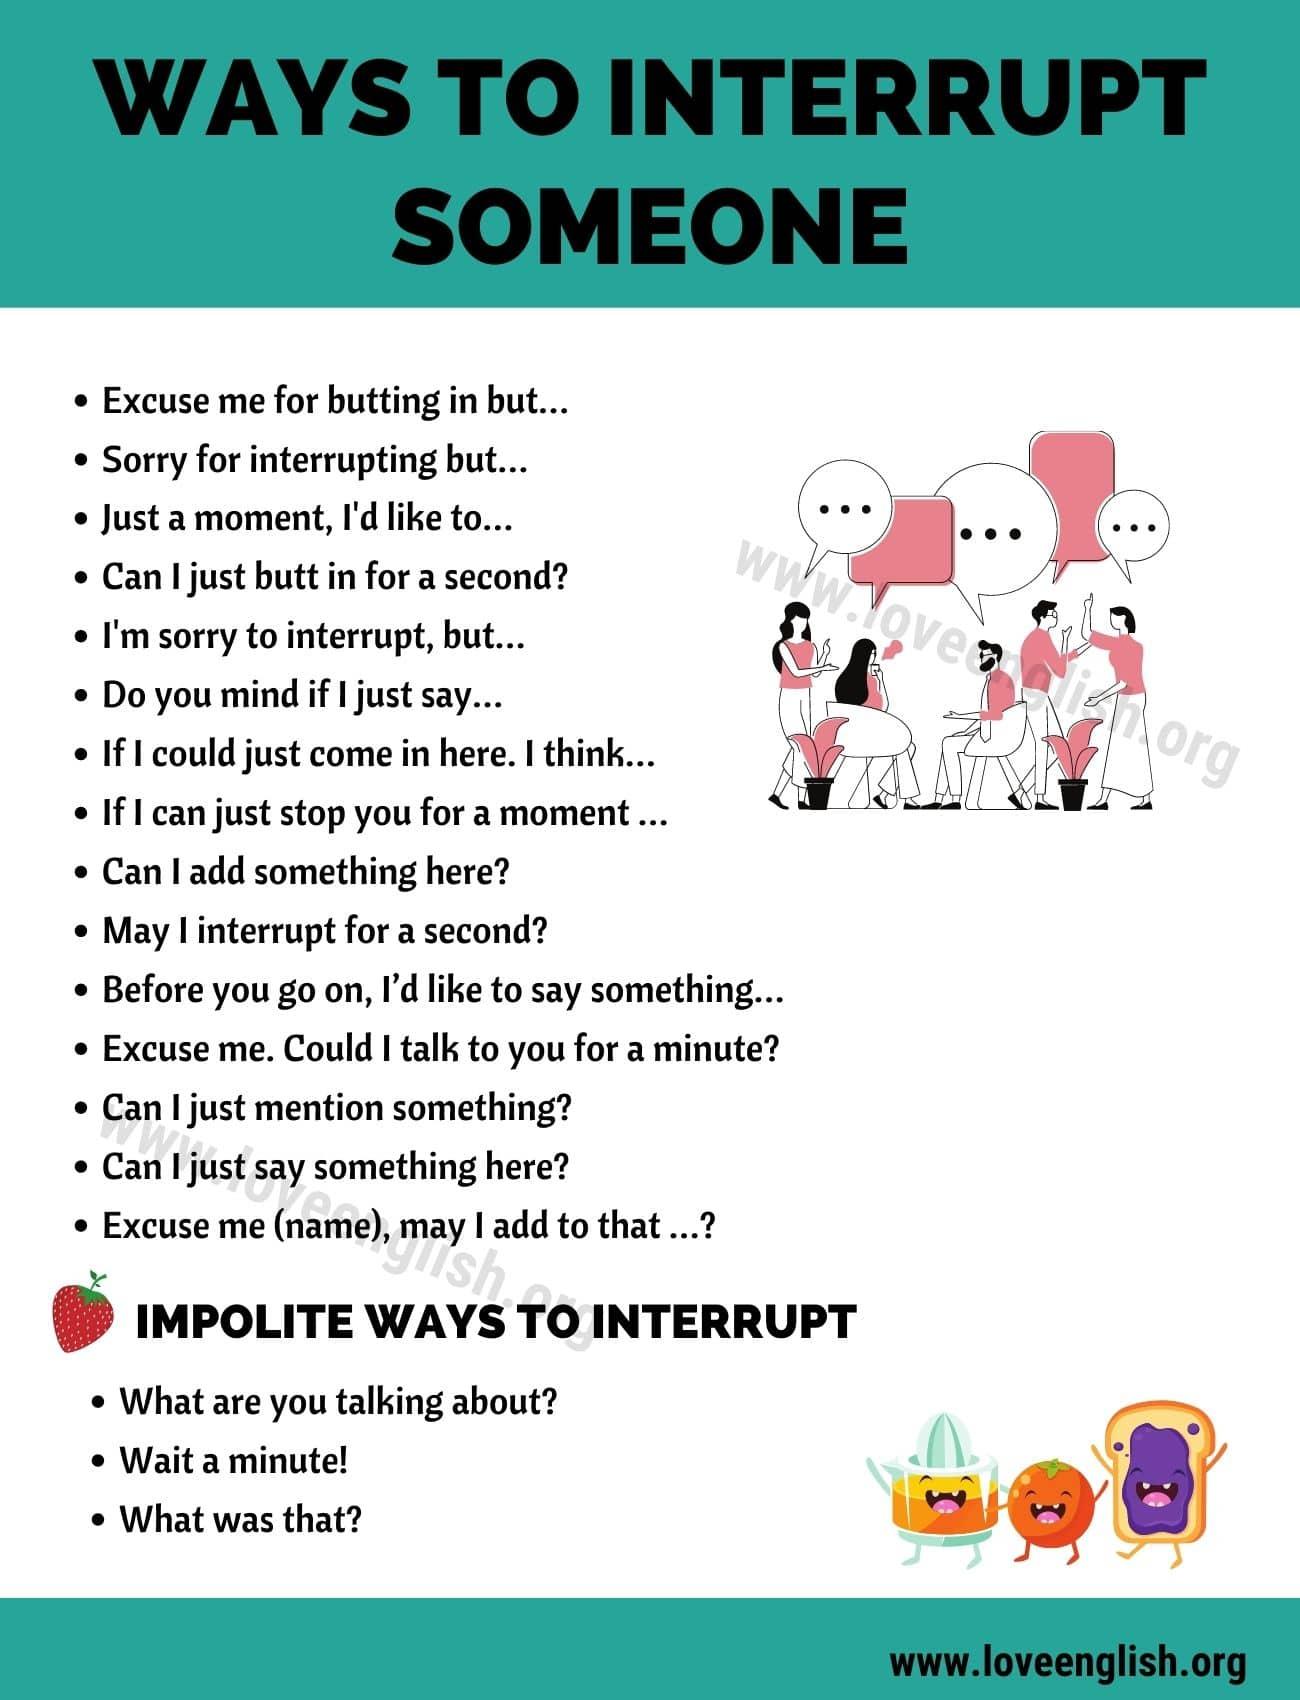 Ways to Interrupt Someone